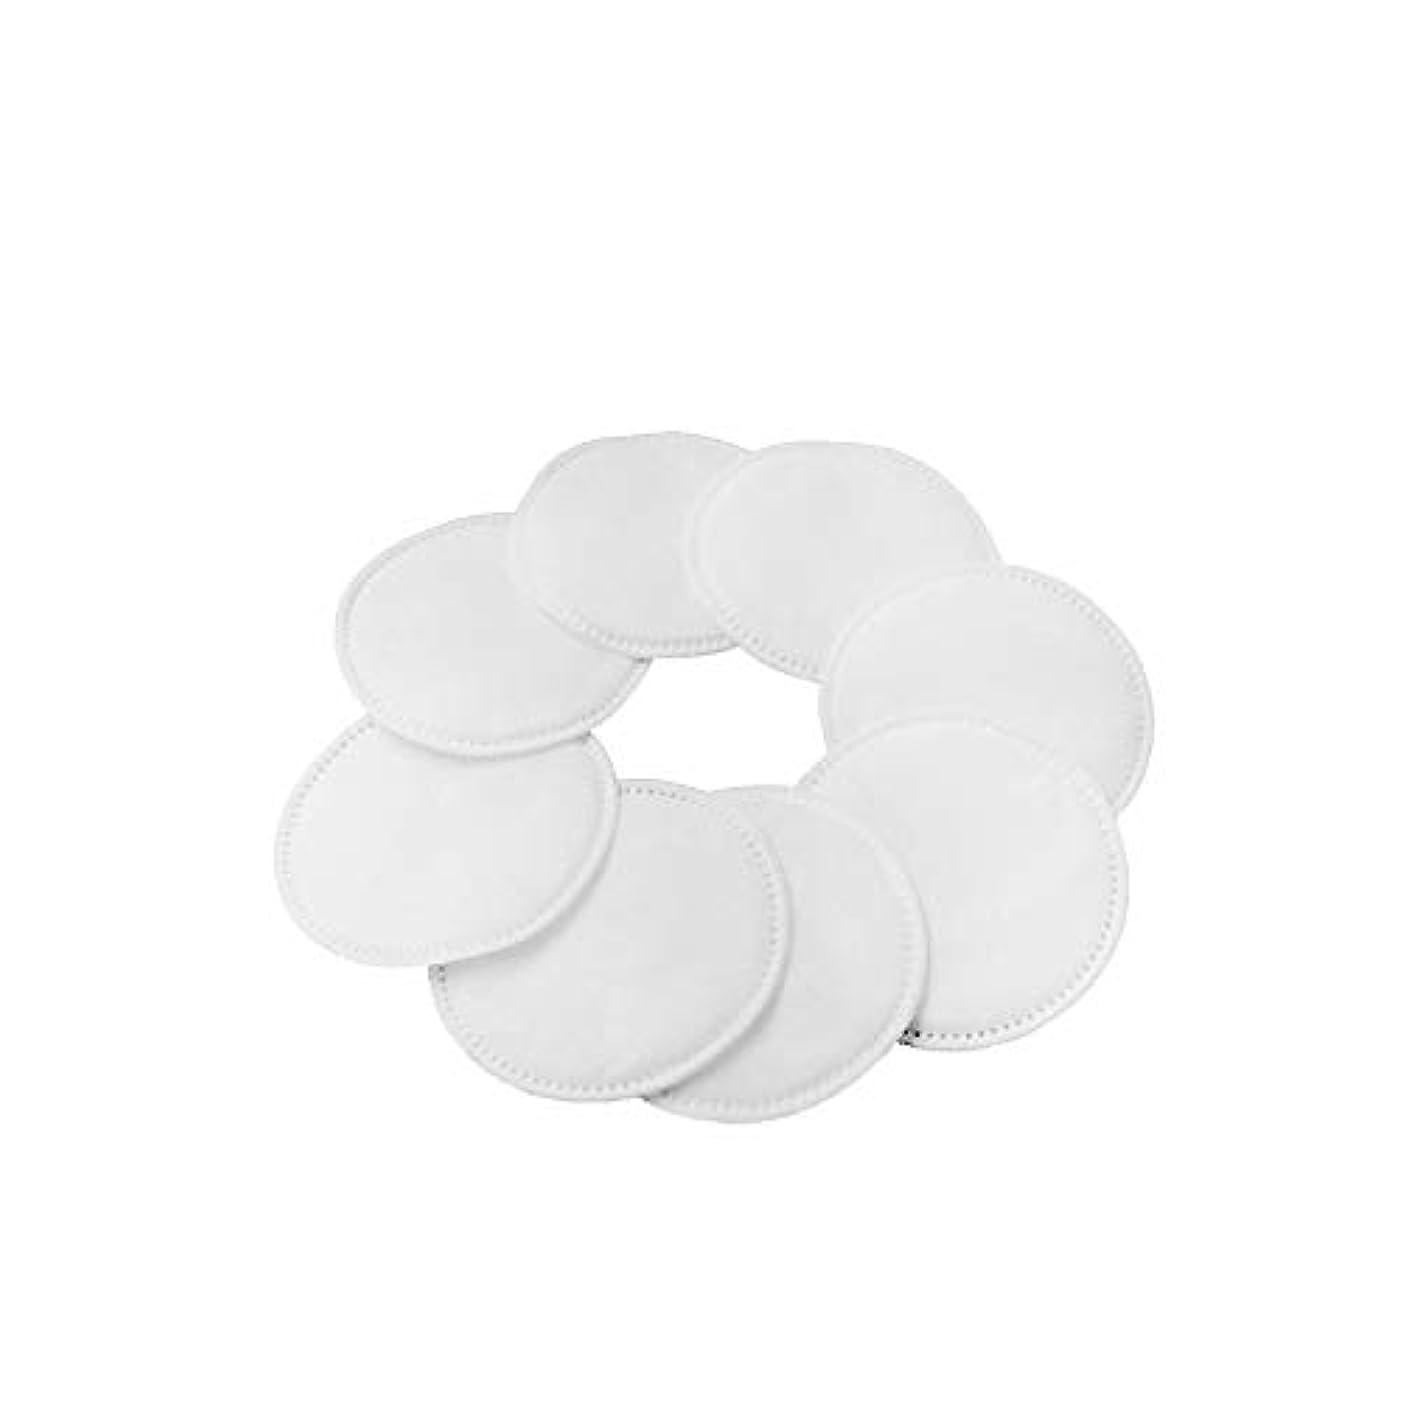 エトナ山キャンディー説明的Amyou 再利用可能なメイクアップリムーバーパッド、洗濯可能な竹の綿の授乳クッション、洗濯毛布、ソフトとフェイススキンケアウォッシュ布袋 - フェイスワイプ/アイクリエーション